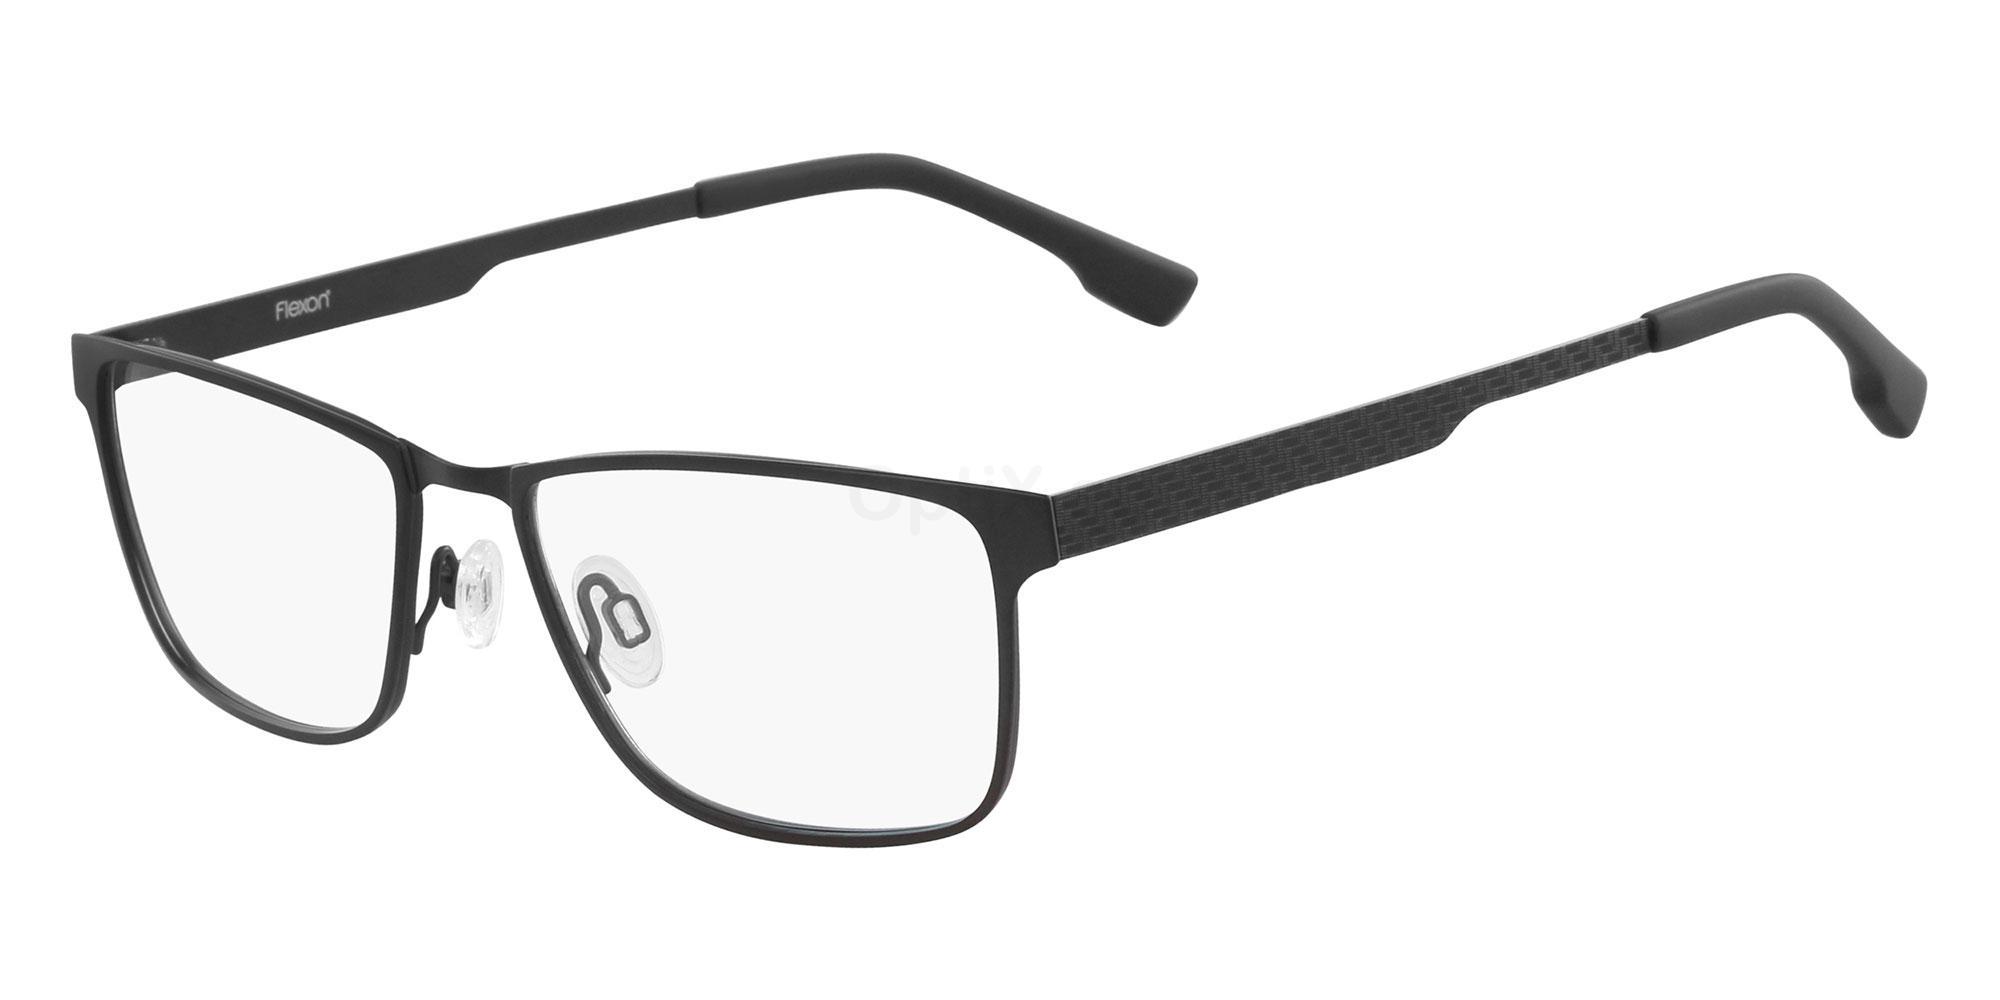 001 FLEXON E1036 Glasses, Flexon